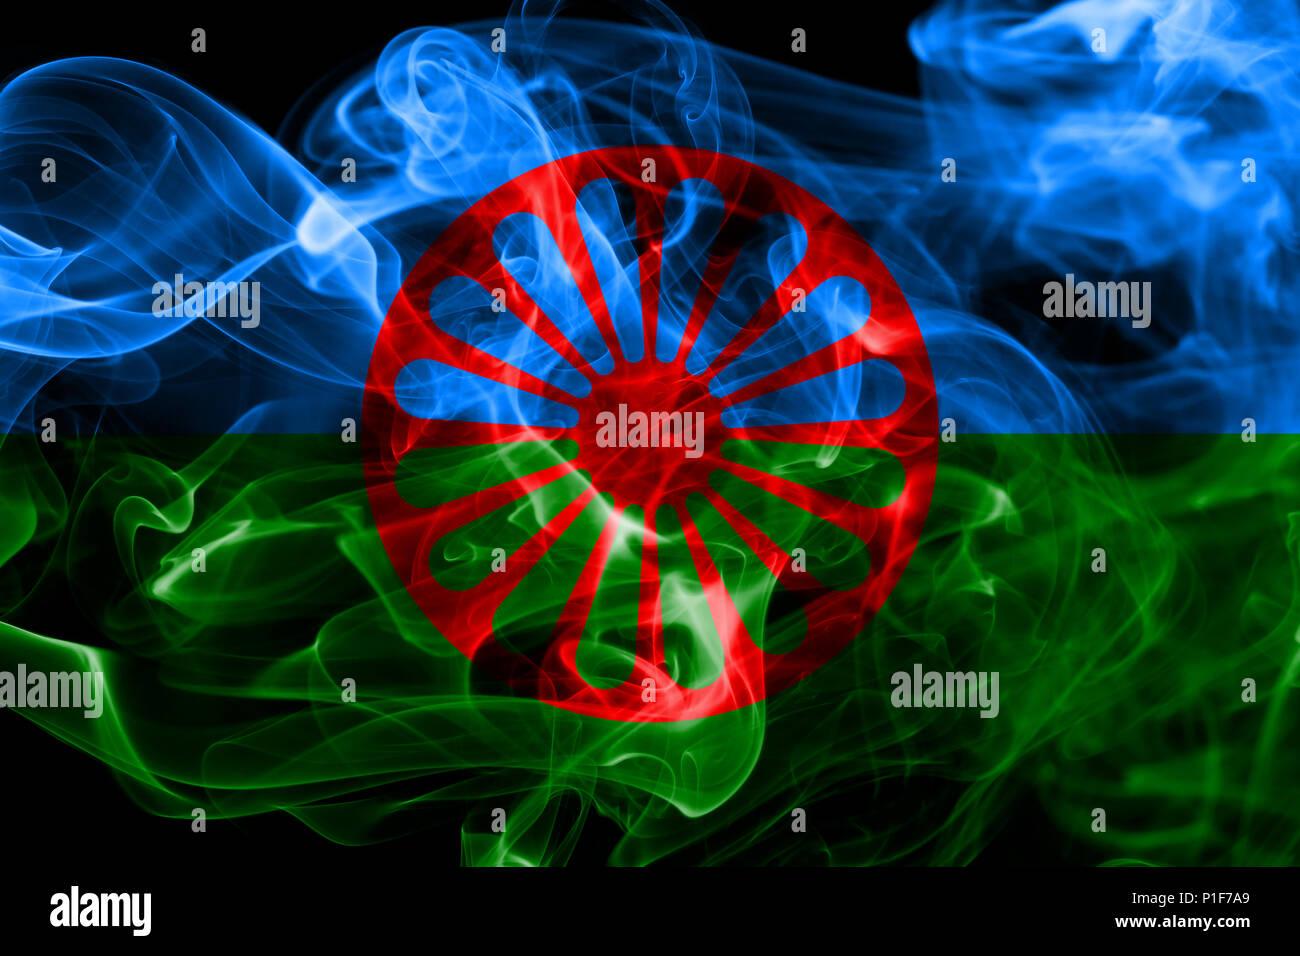 Roma, Zigeuner Rauch rauch Flagge Flagge Stockfoto, Bild